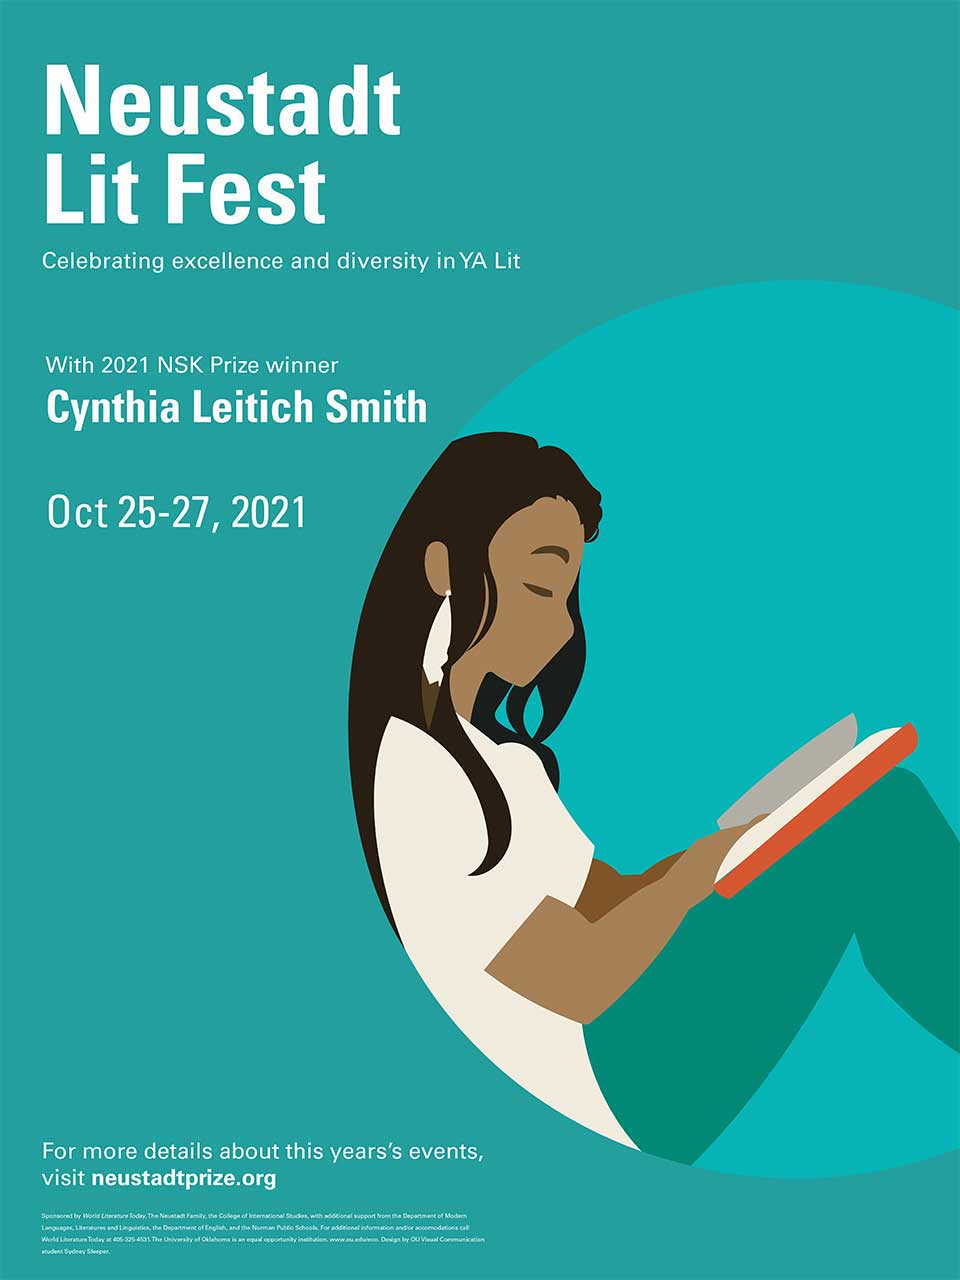 The prize winning poster design for the 2021 Neustadt Lit Fest